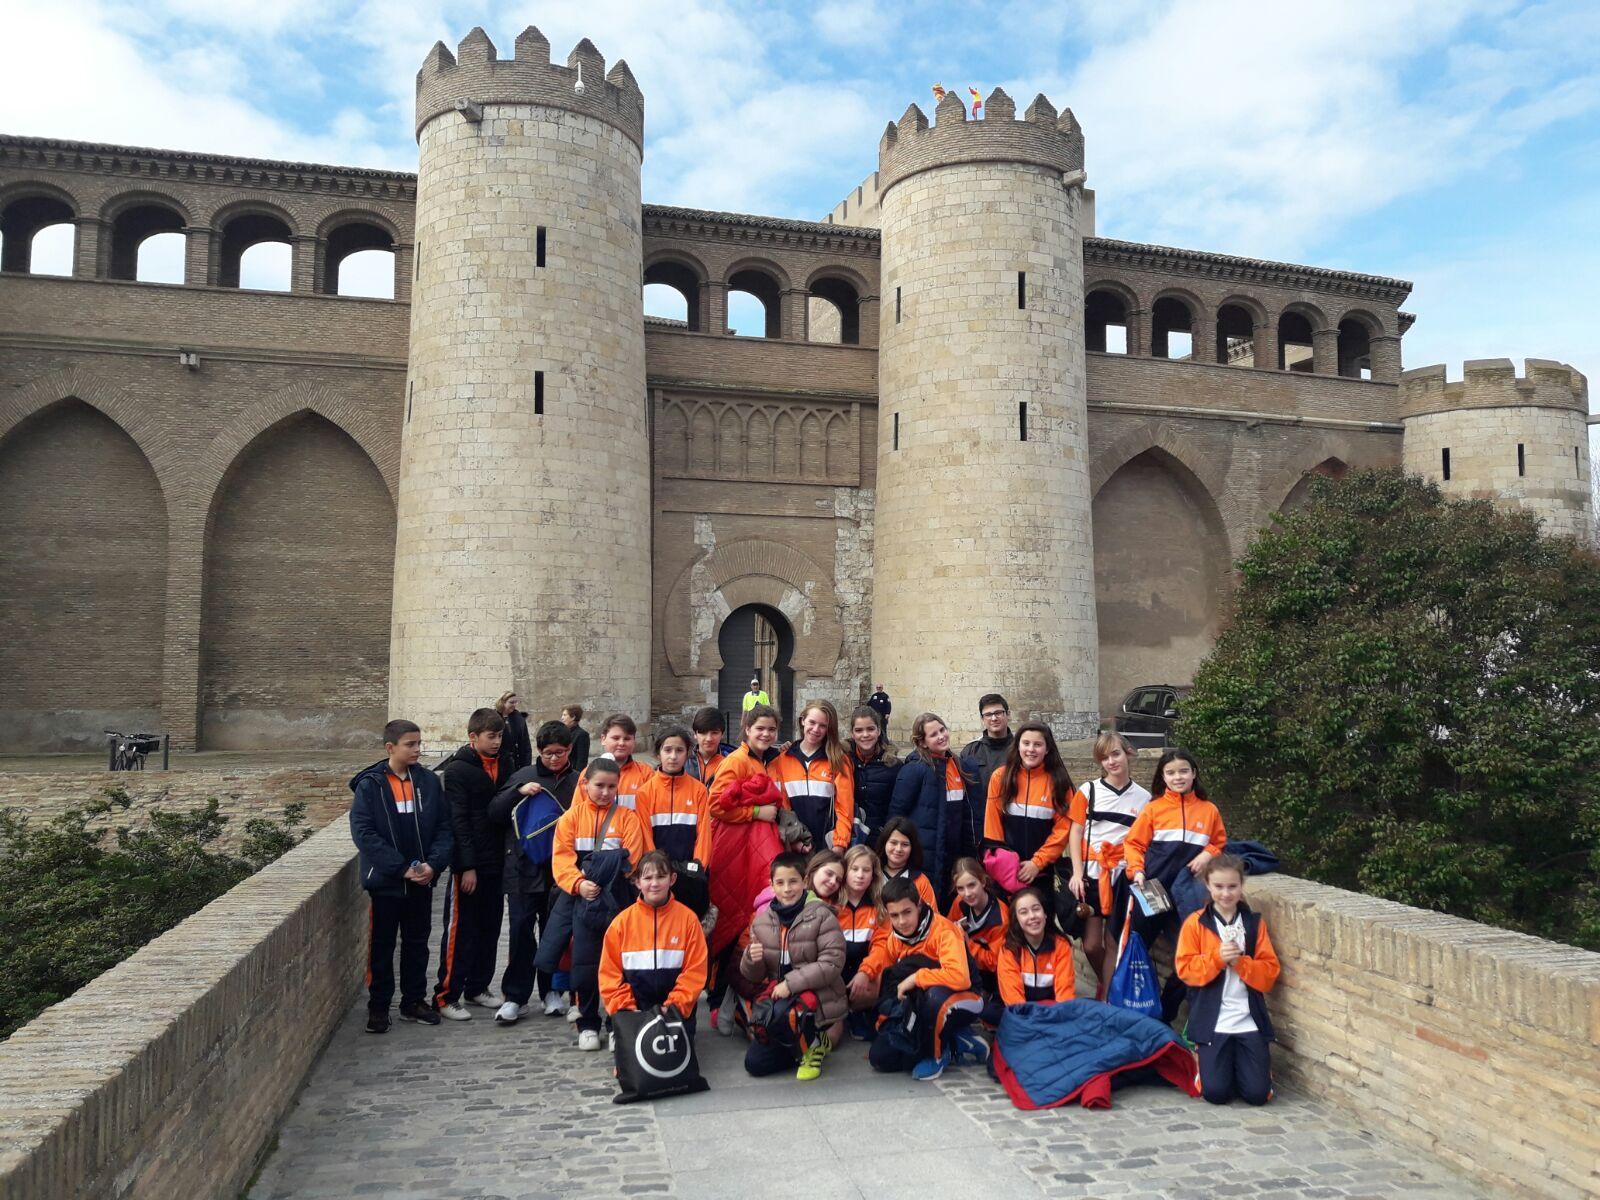 Excursión a la Aljafería y las Cortes de Aragón